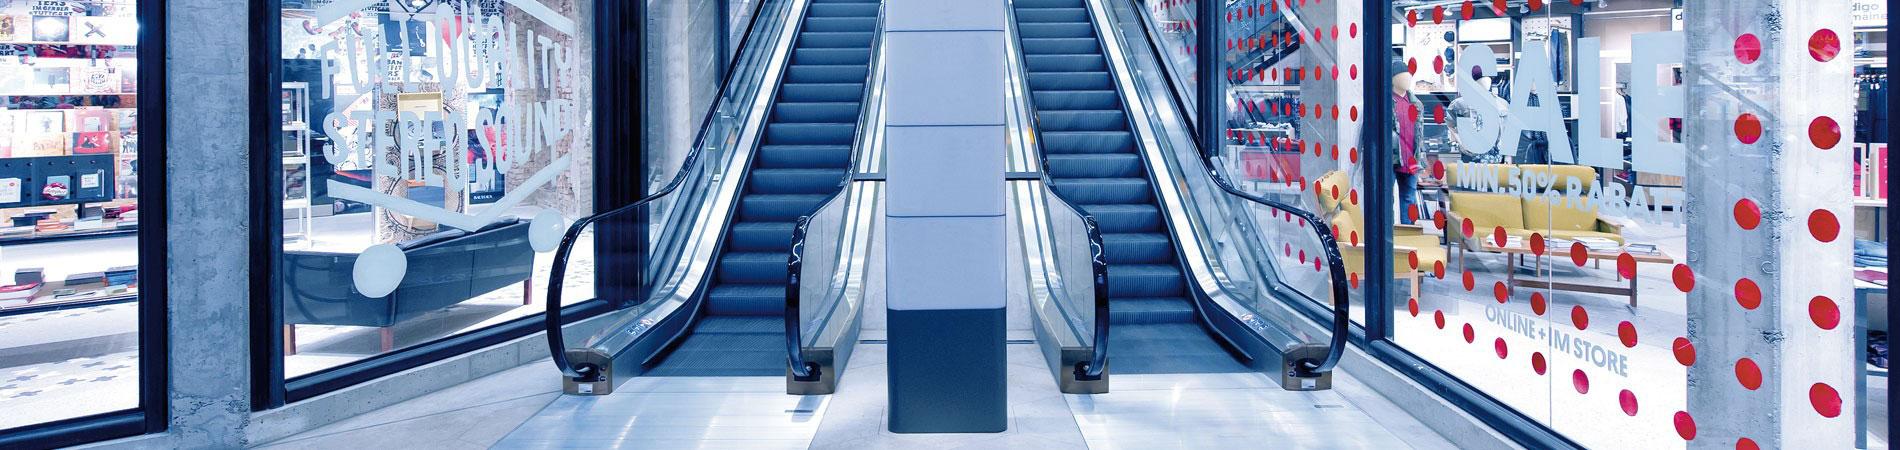 ескалатор ThyssenKrupp Velino в интериорно пространство